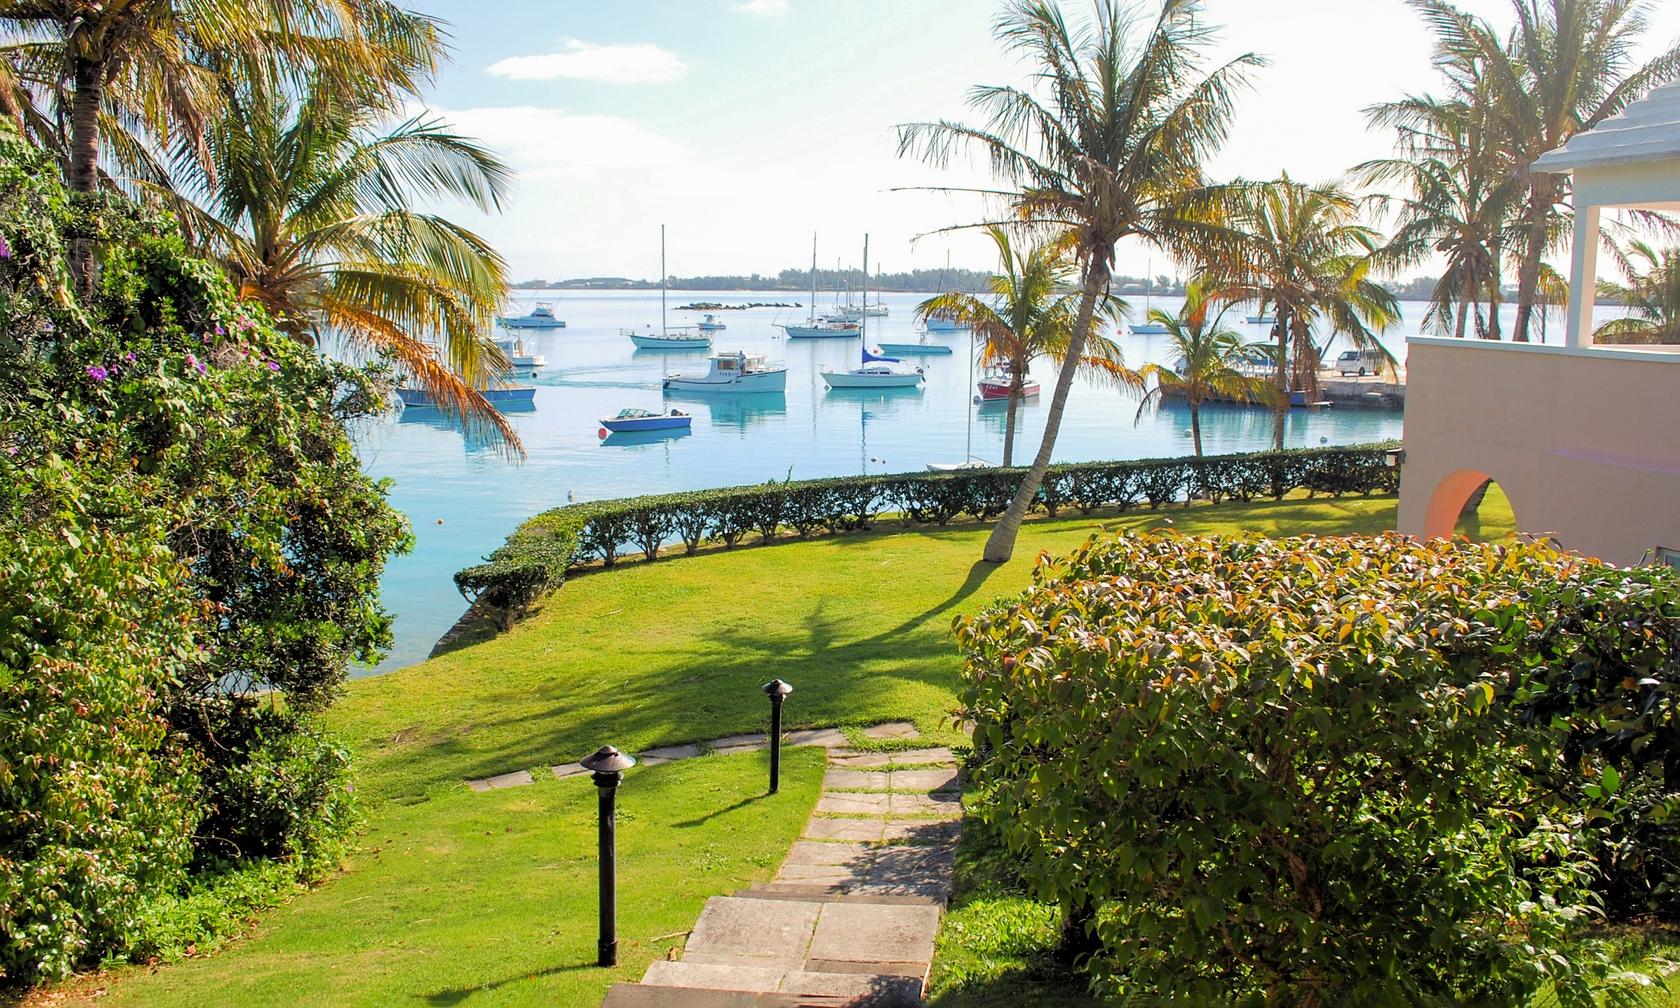 Vacation rentals in Bermuda